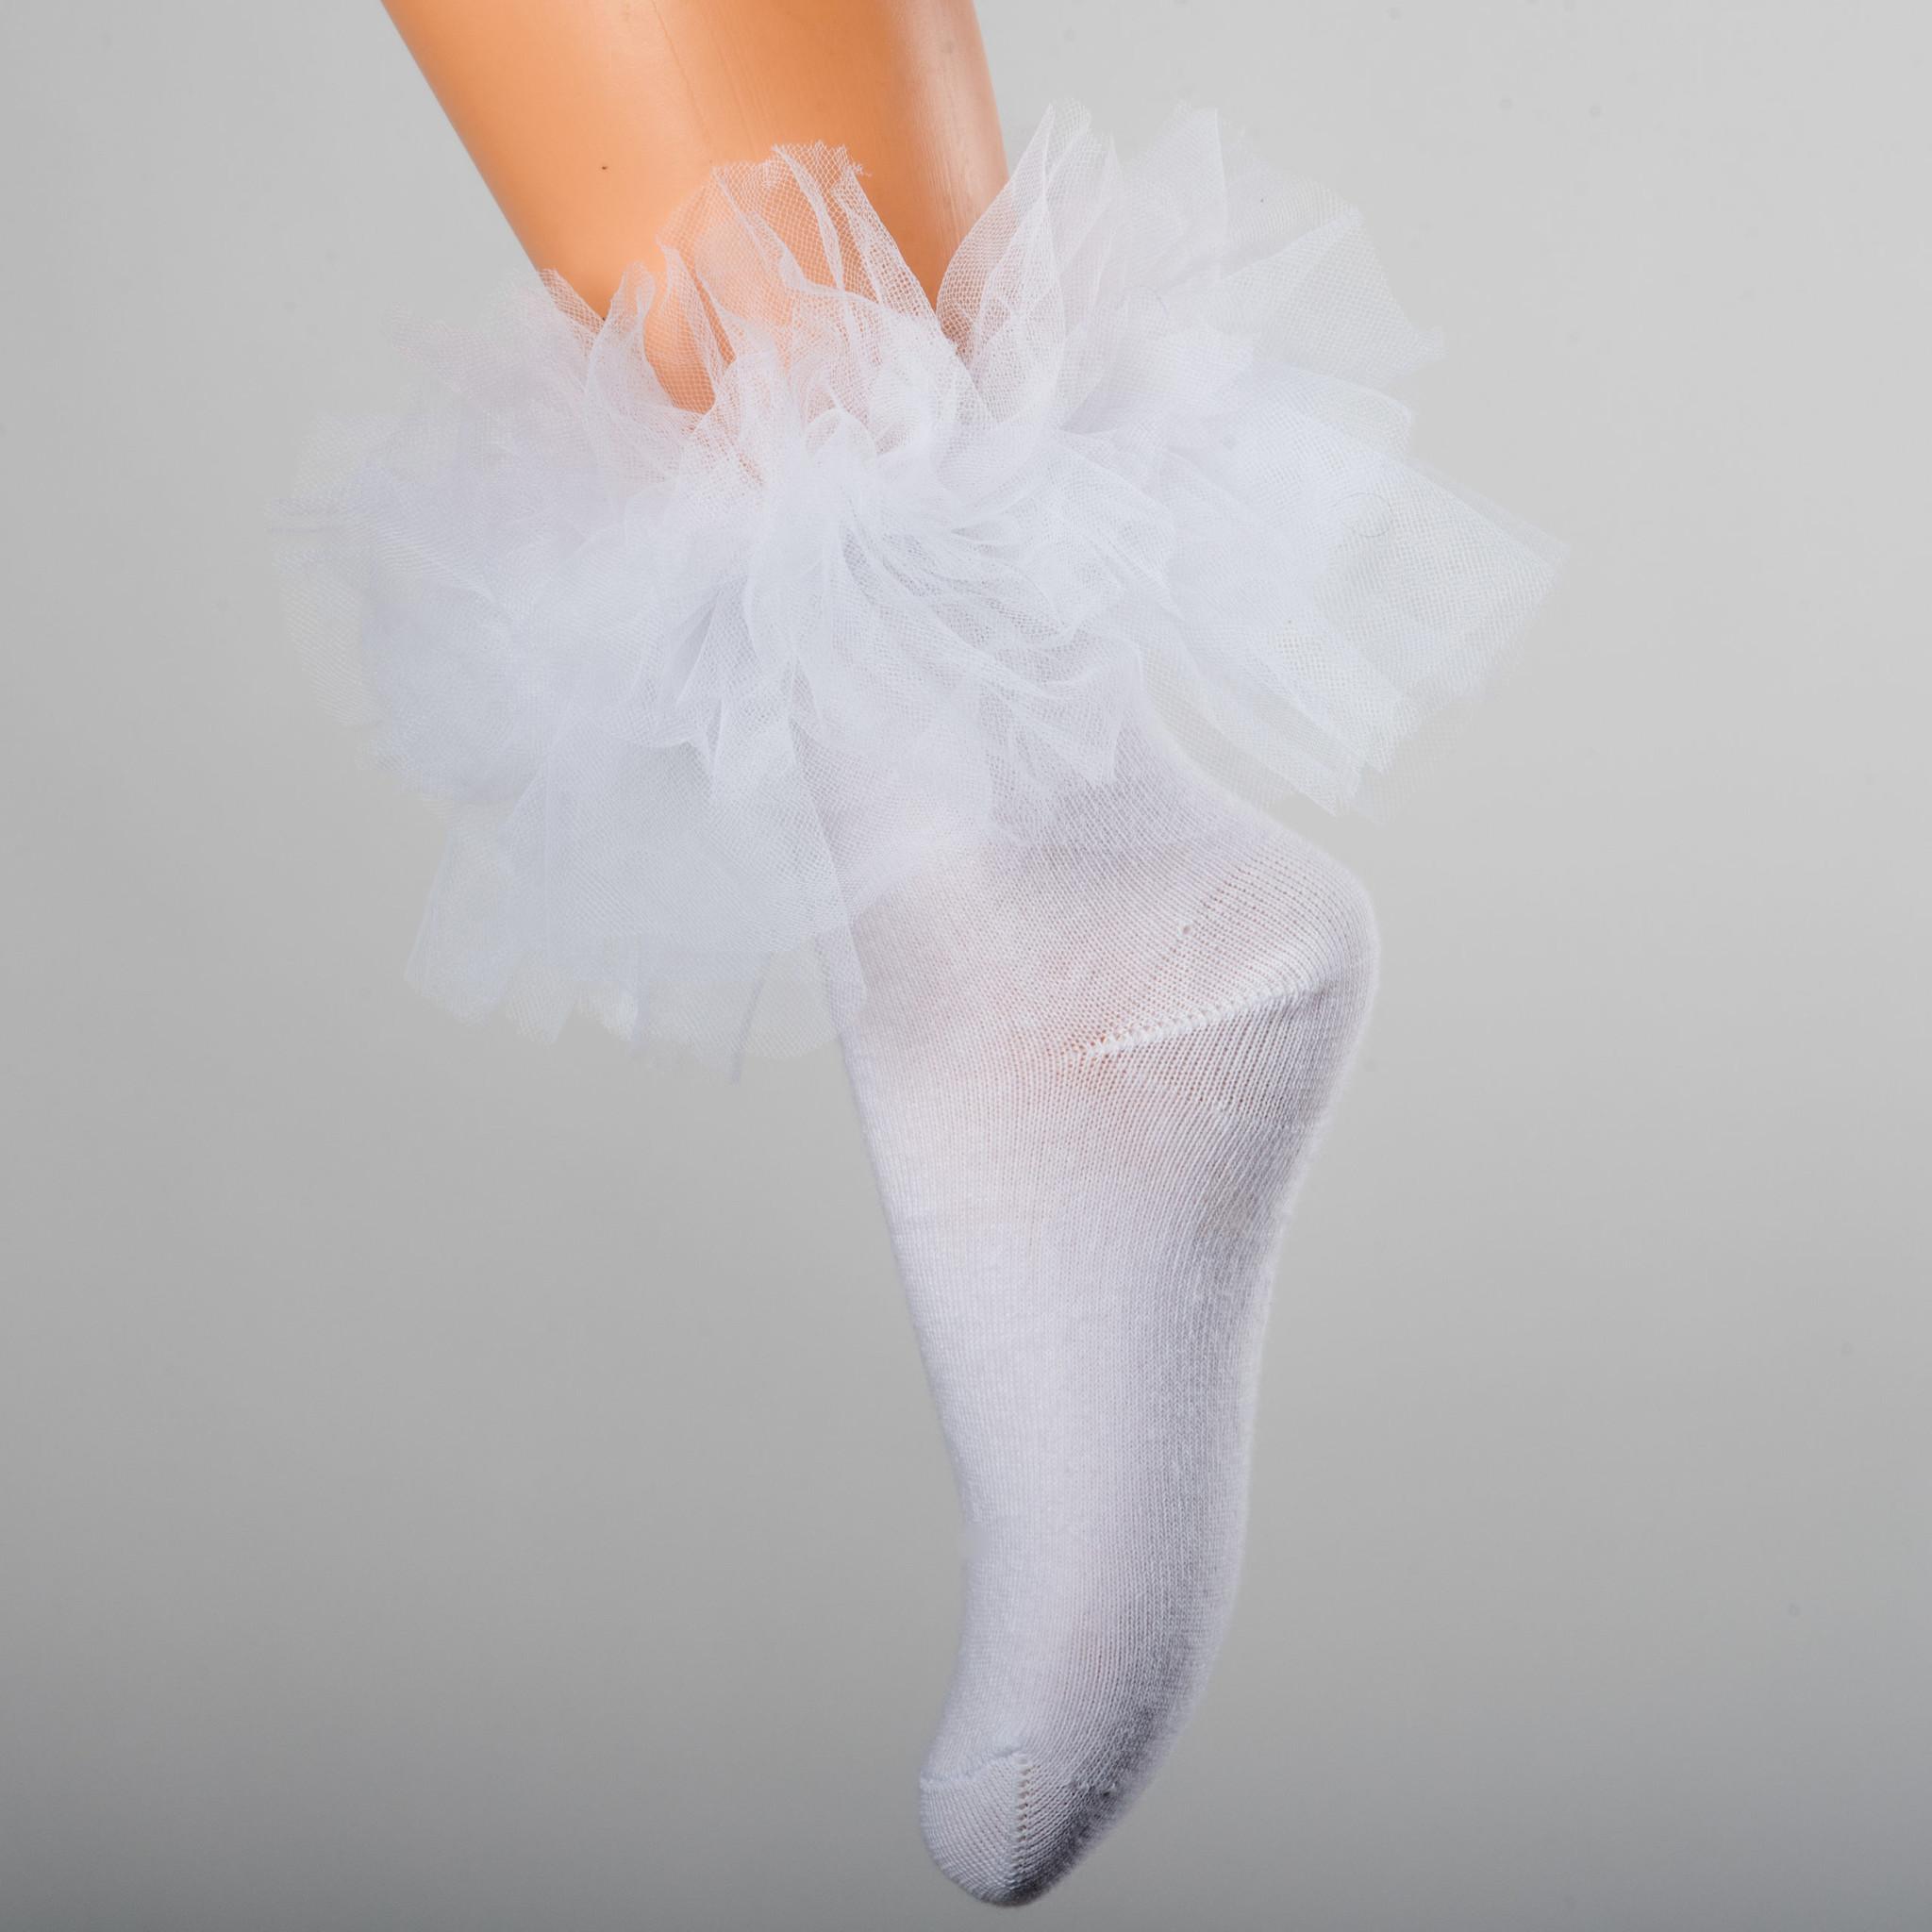 Daga Daga Tulle Ankle Sock 21060 S21